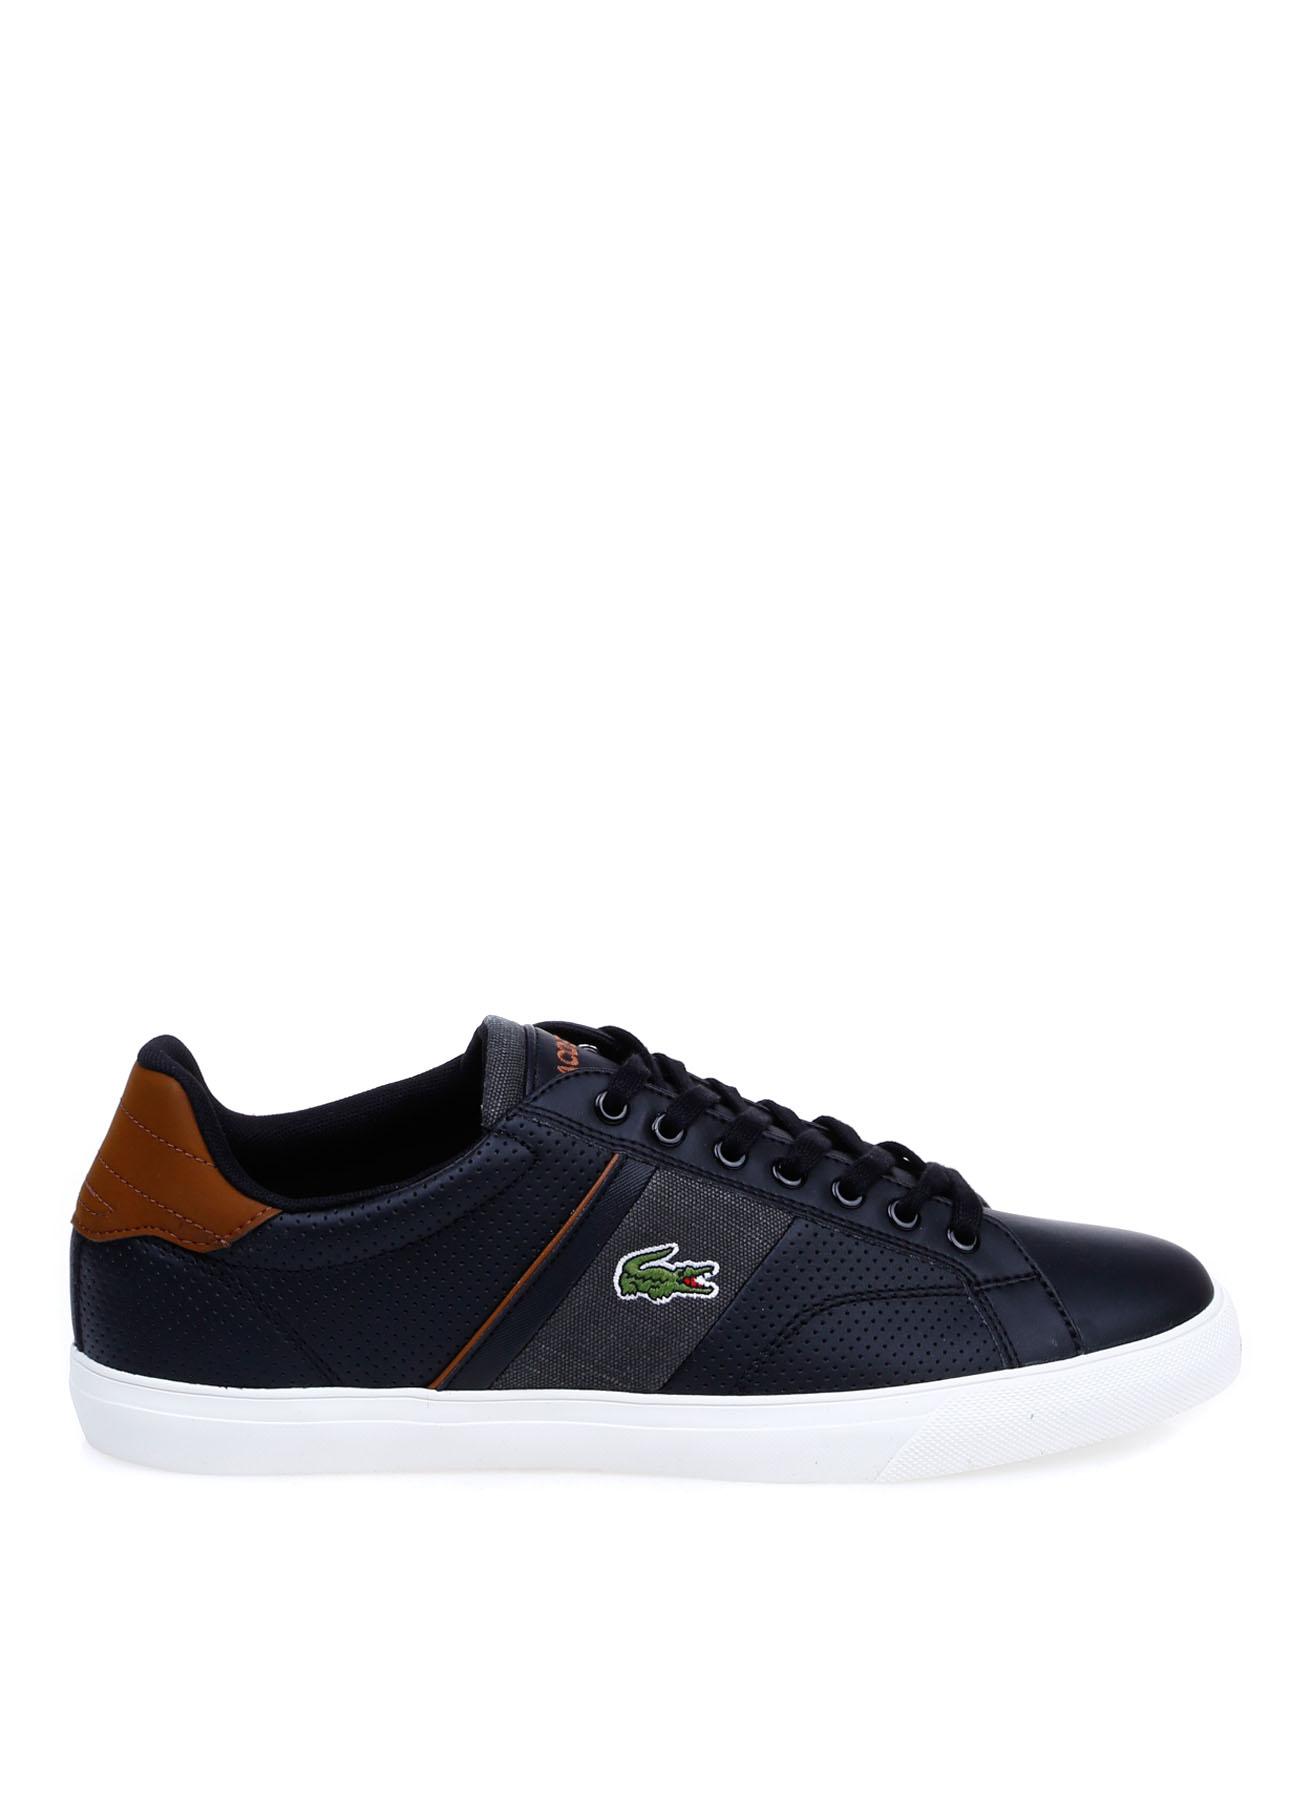 Lacoste Erkek Deri Lacivert Lifestyle Ayakkabı 43 5002314233005 Ürün Resmi